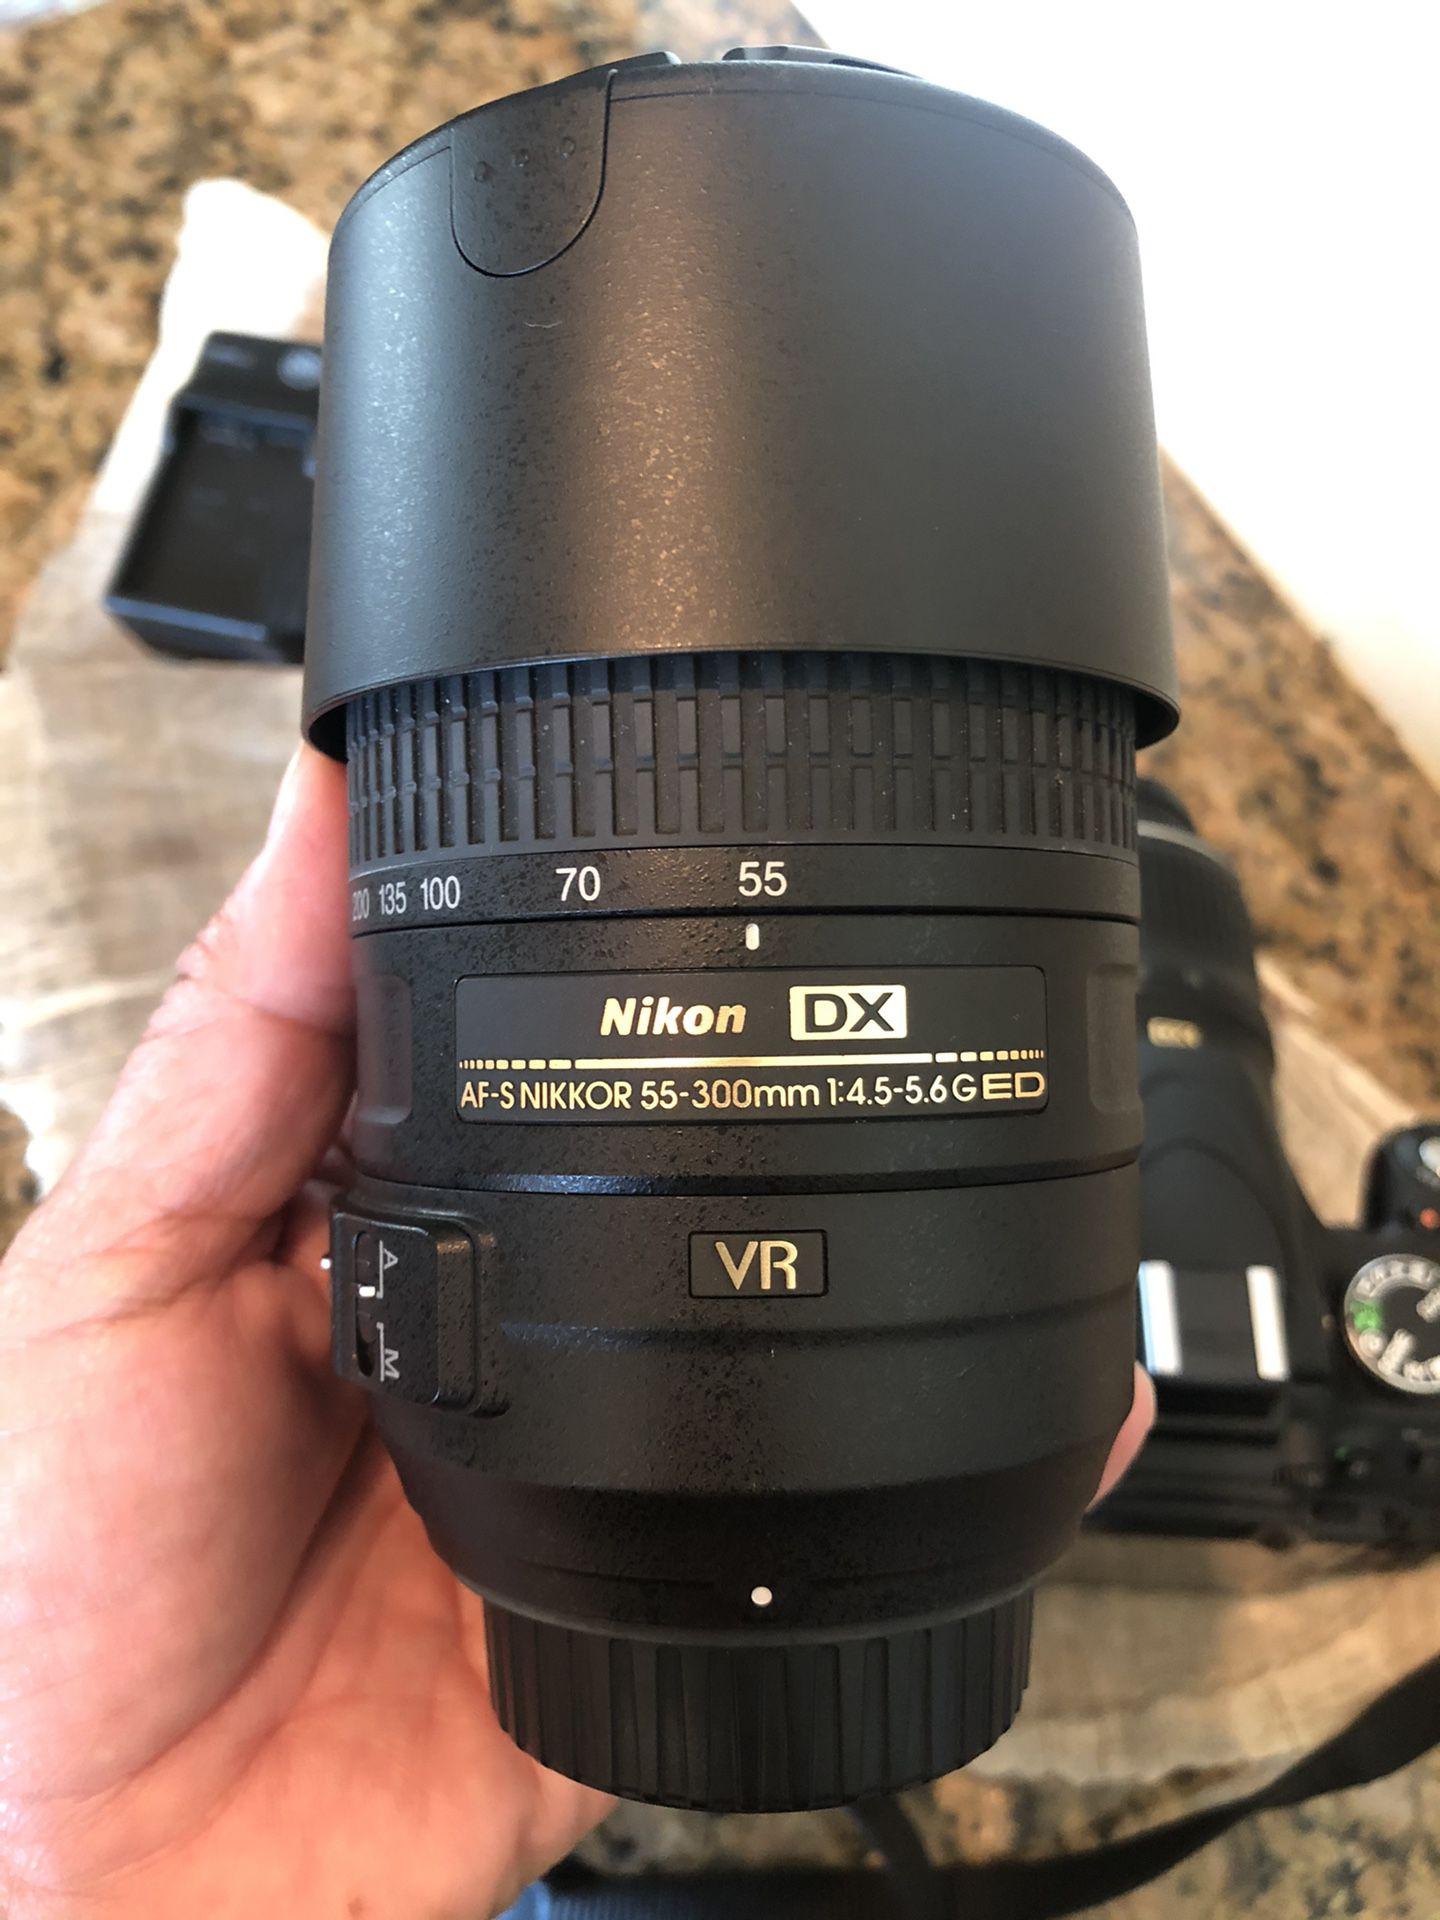 Nikon D5100 Bundle with lenses